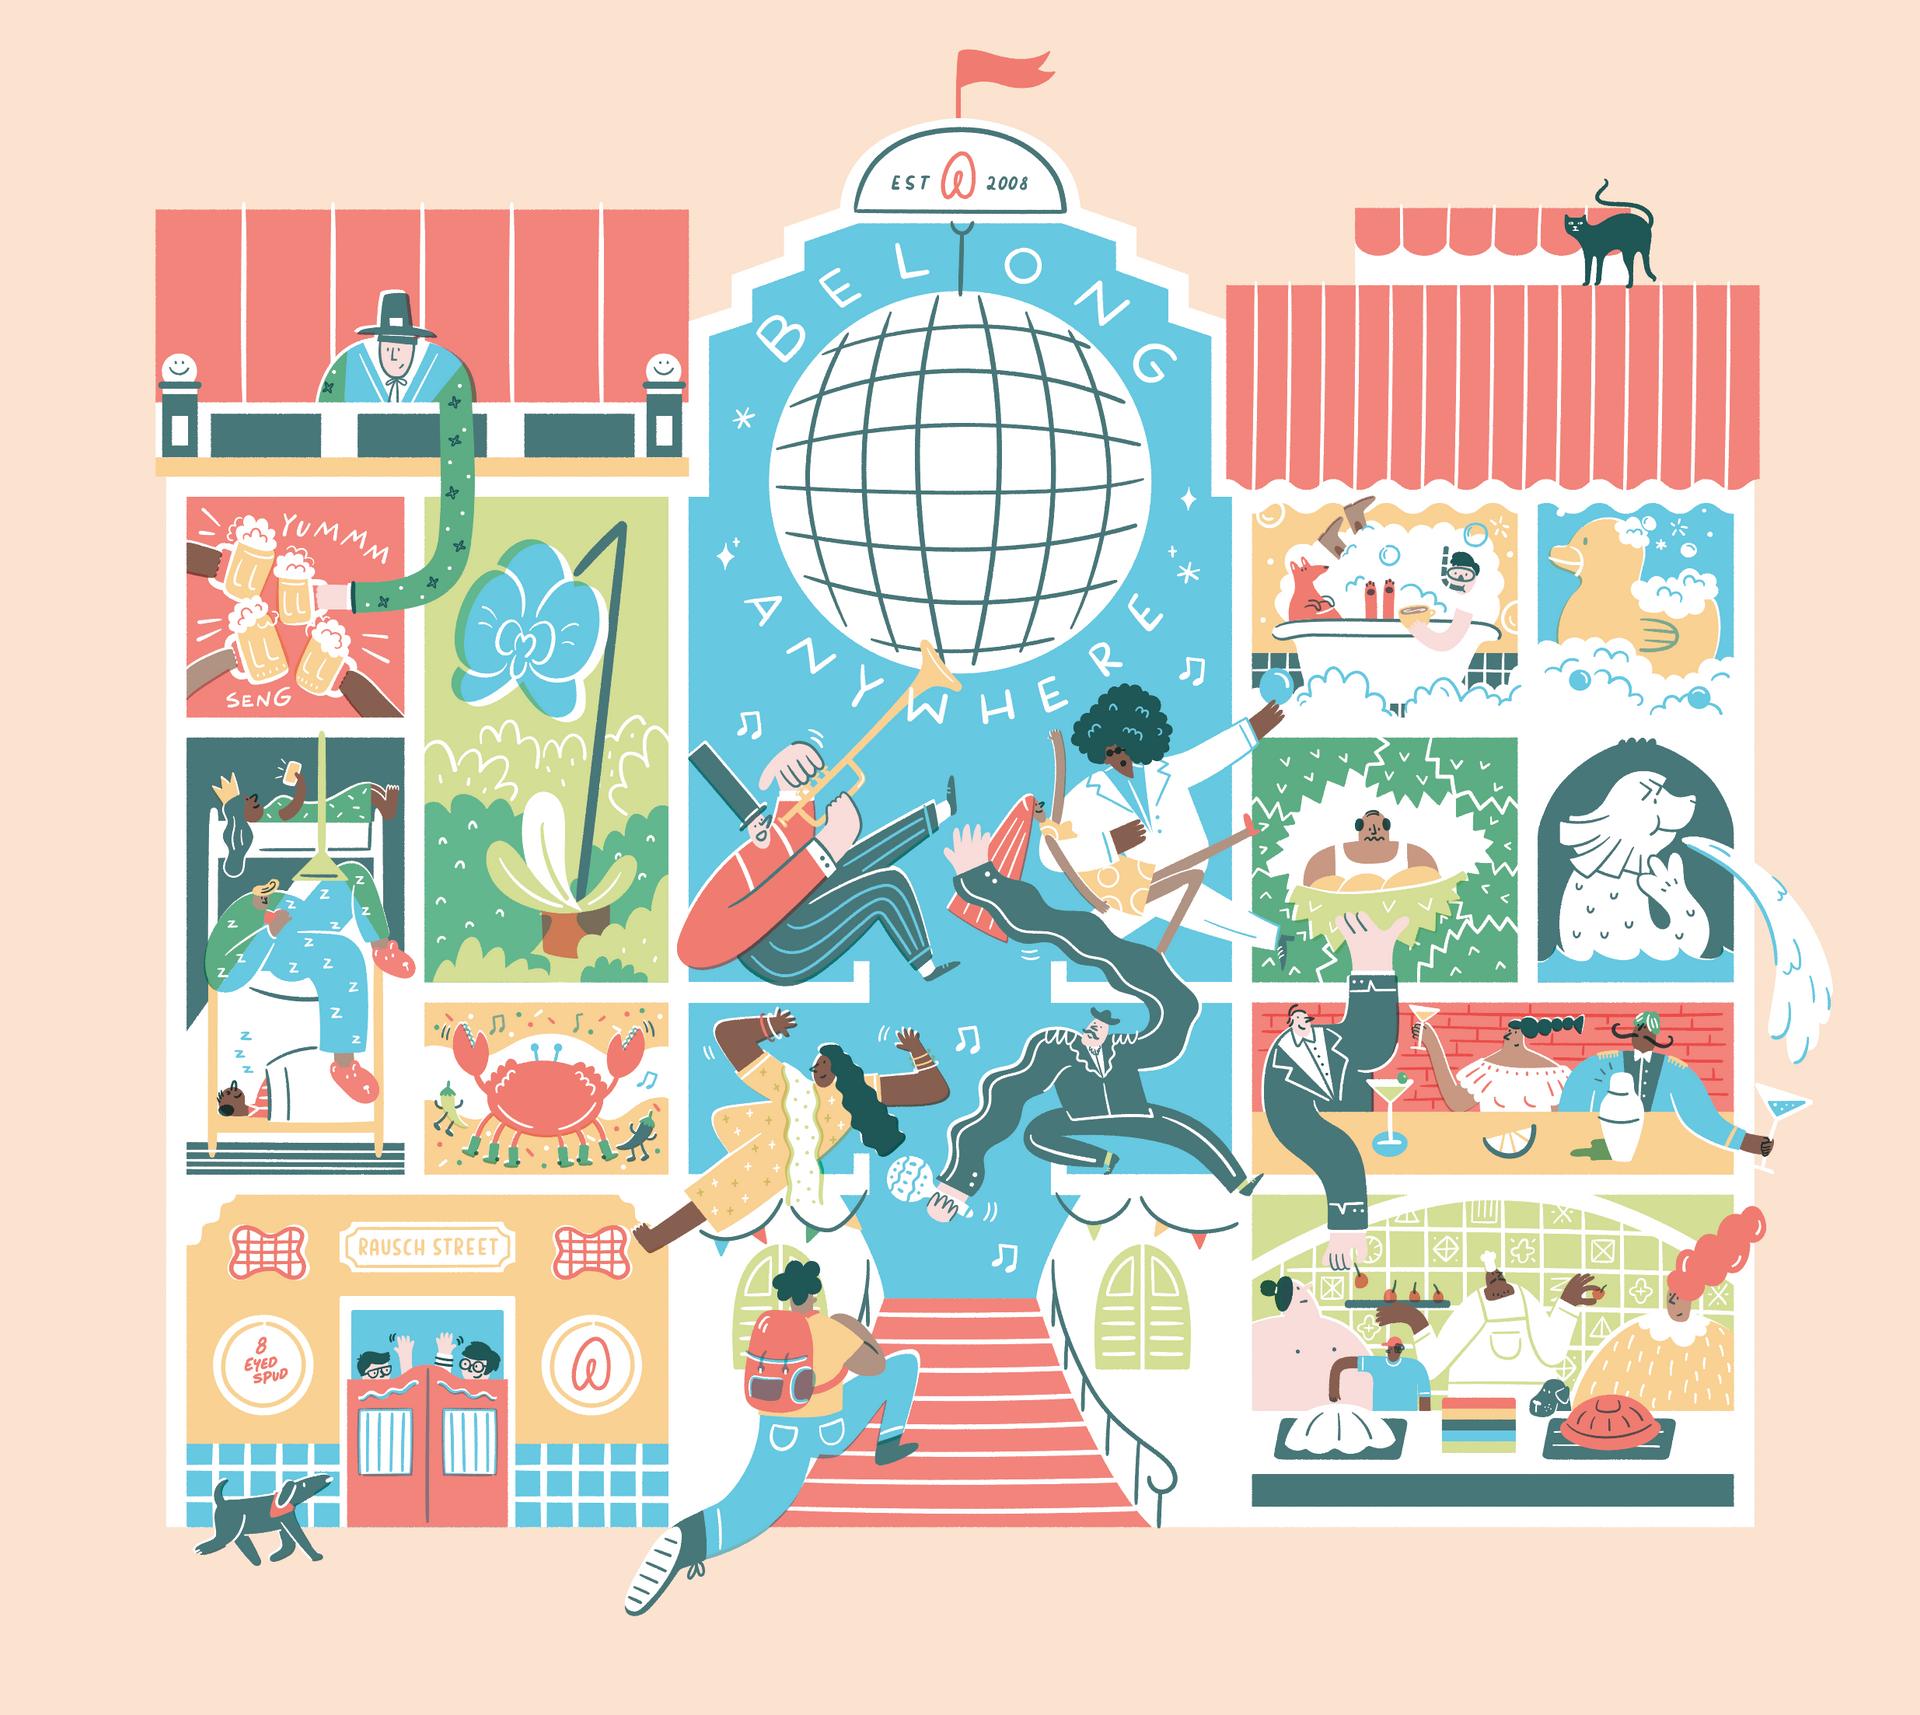 8ES_Airbnb-Mural.PNG